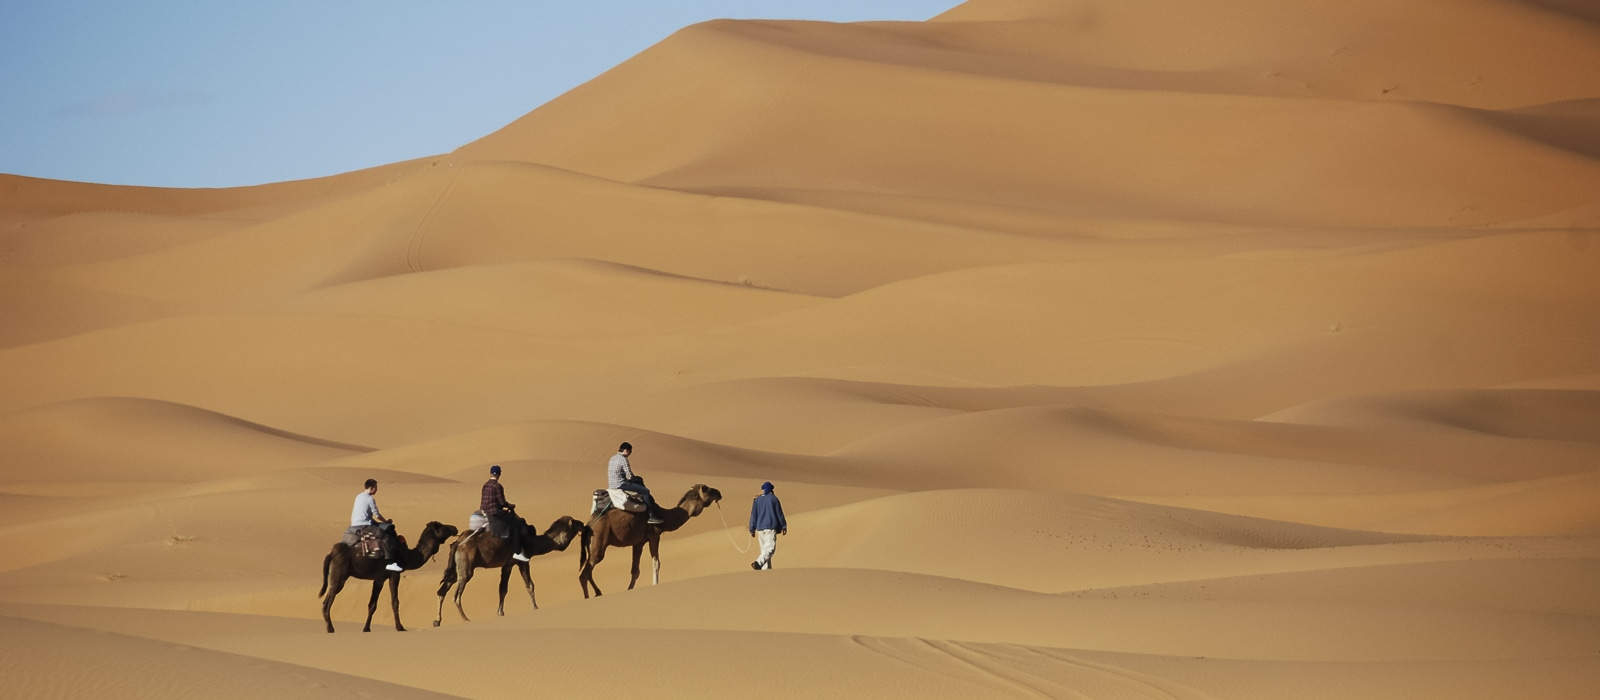 Désert de Merzouga au Maroc - Les Routes du Monde